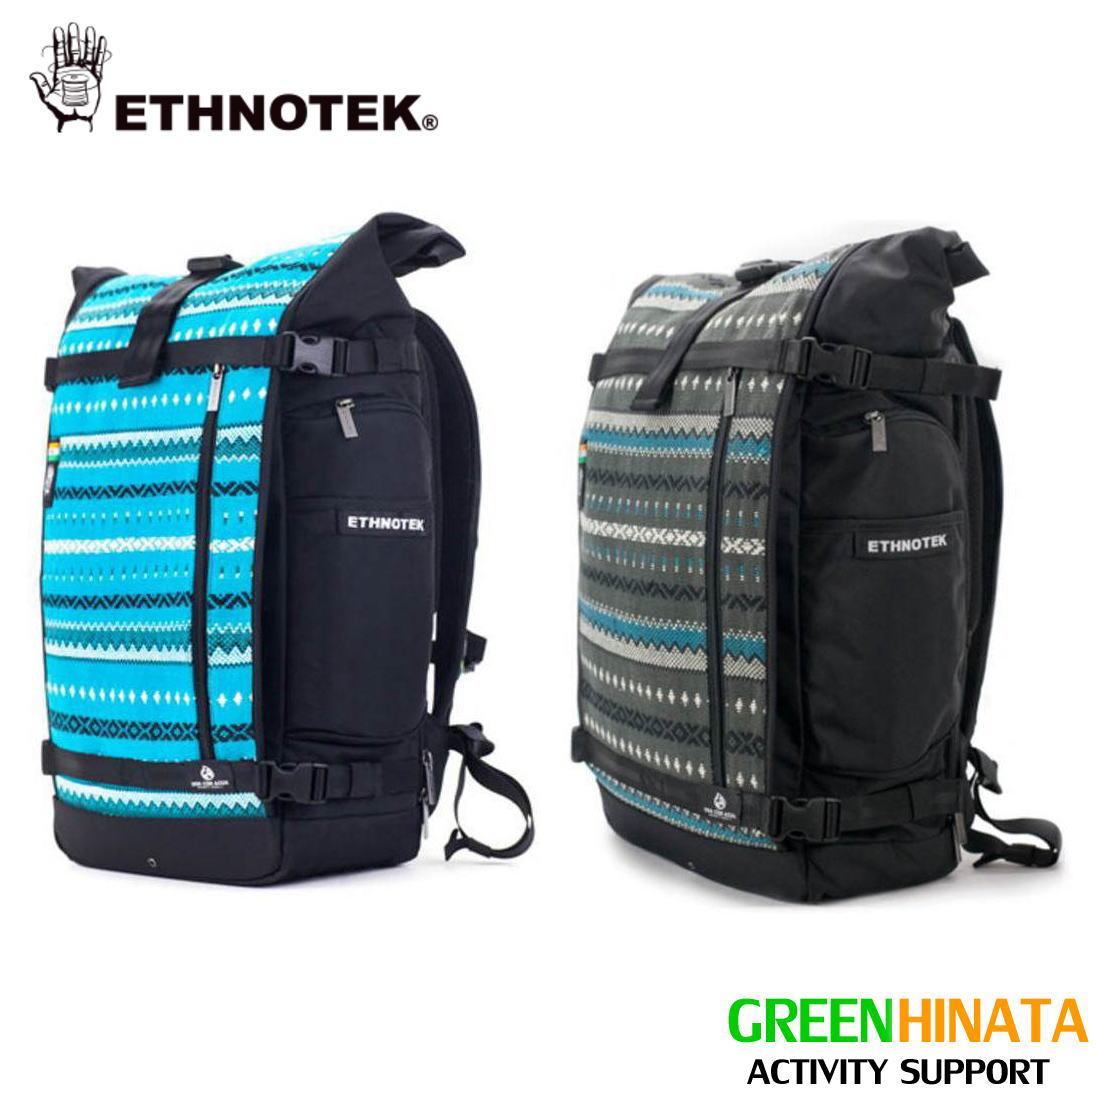 エスノテック ラージャパック46 VIVA CON AGUA リュックリュックサック バッグ  国内正規品